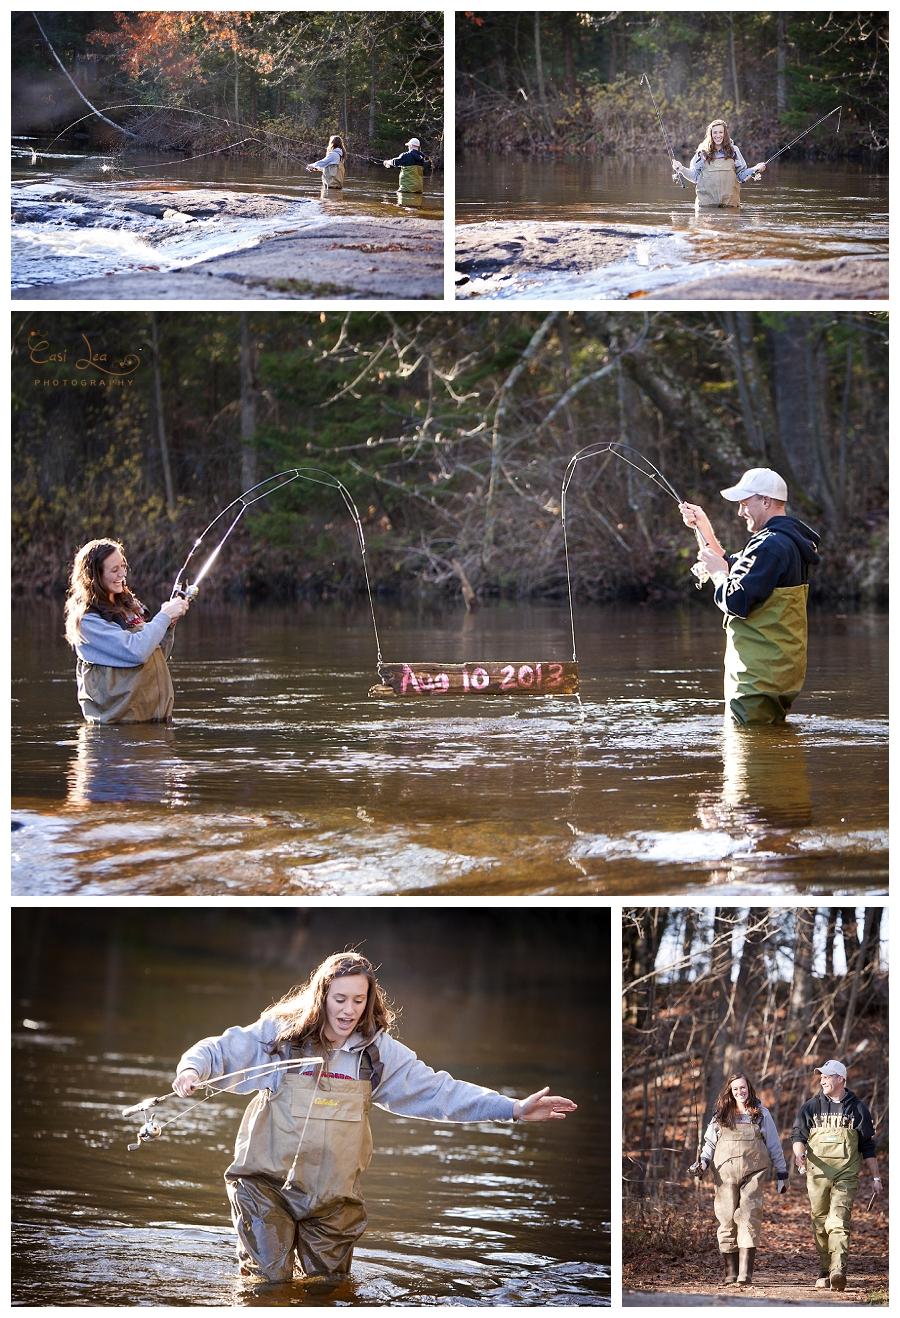 creative save the date ideas   www.CasiLea-Photography.com